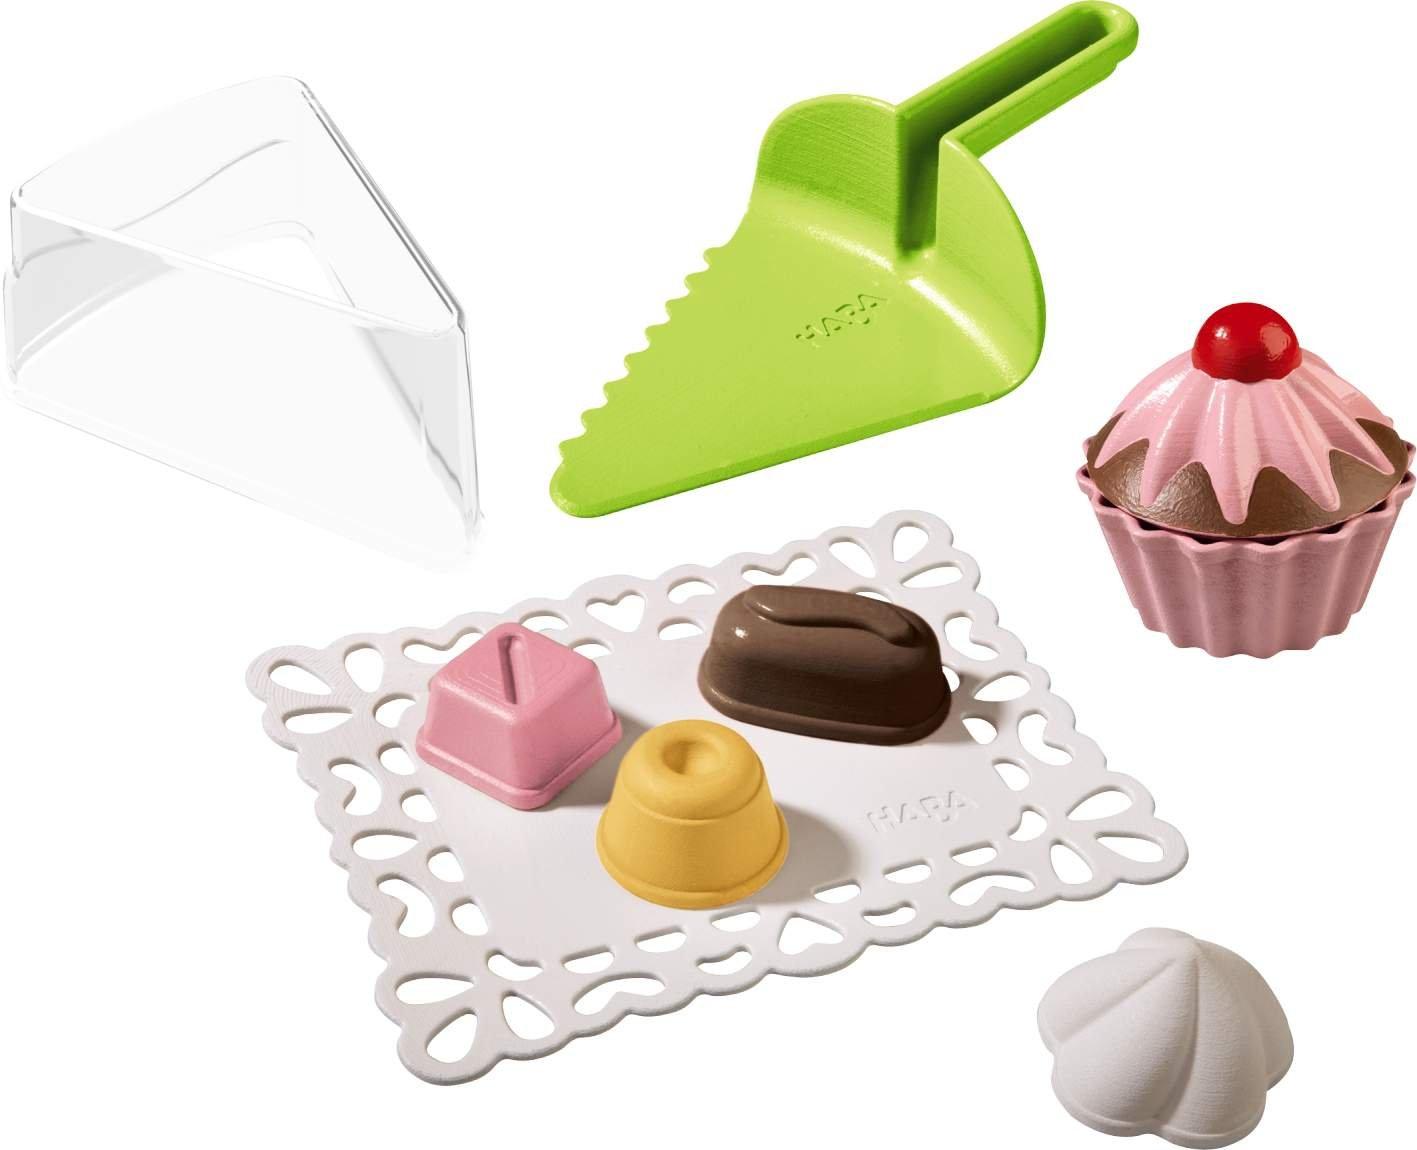 Teamson Kids Little Chef Mud Outdoor Spielküche - Haba Große Sandbäckerei